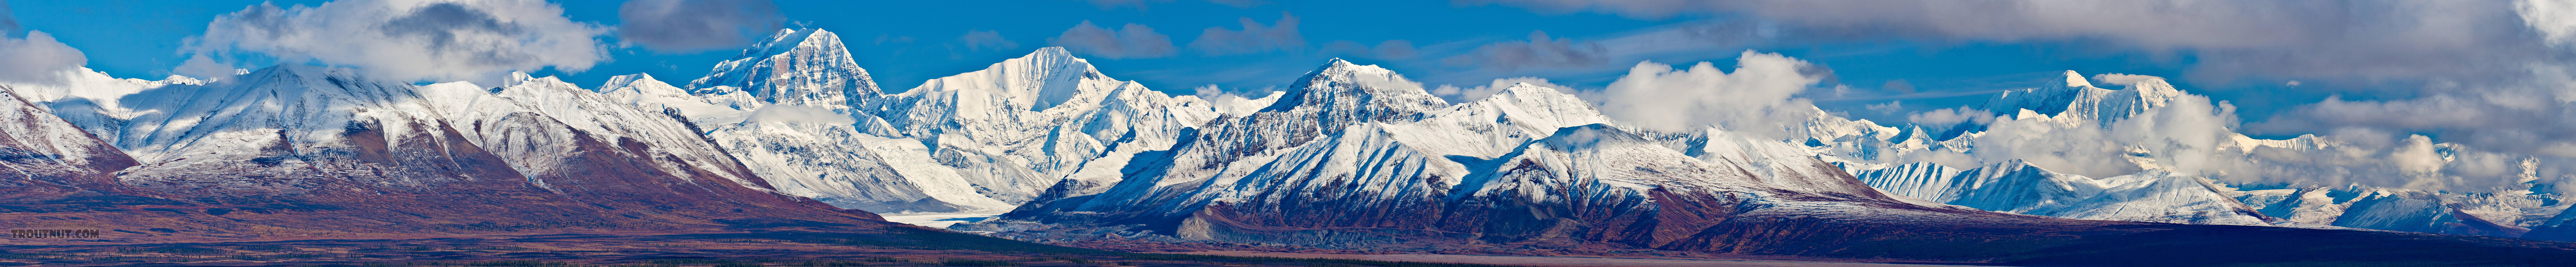 From Denali Highway in Alaska.